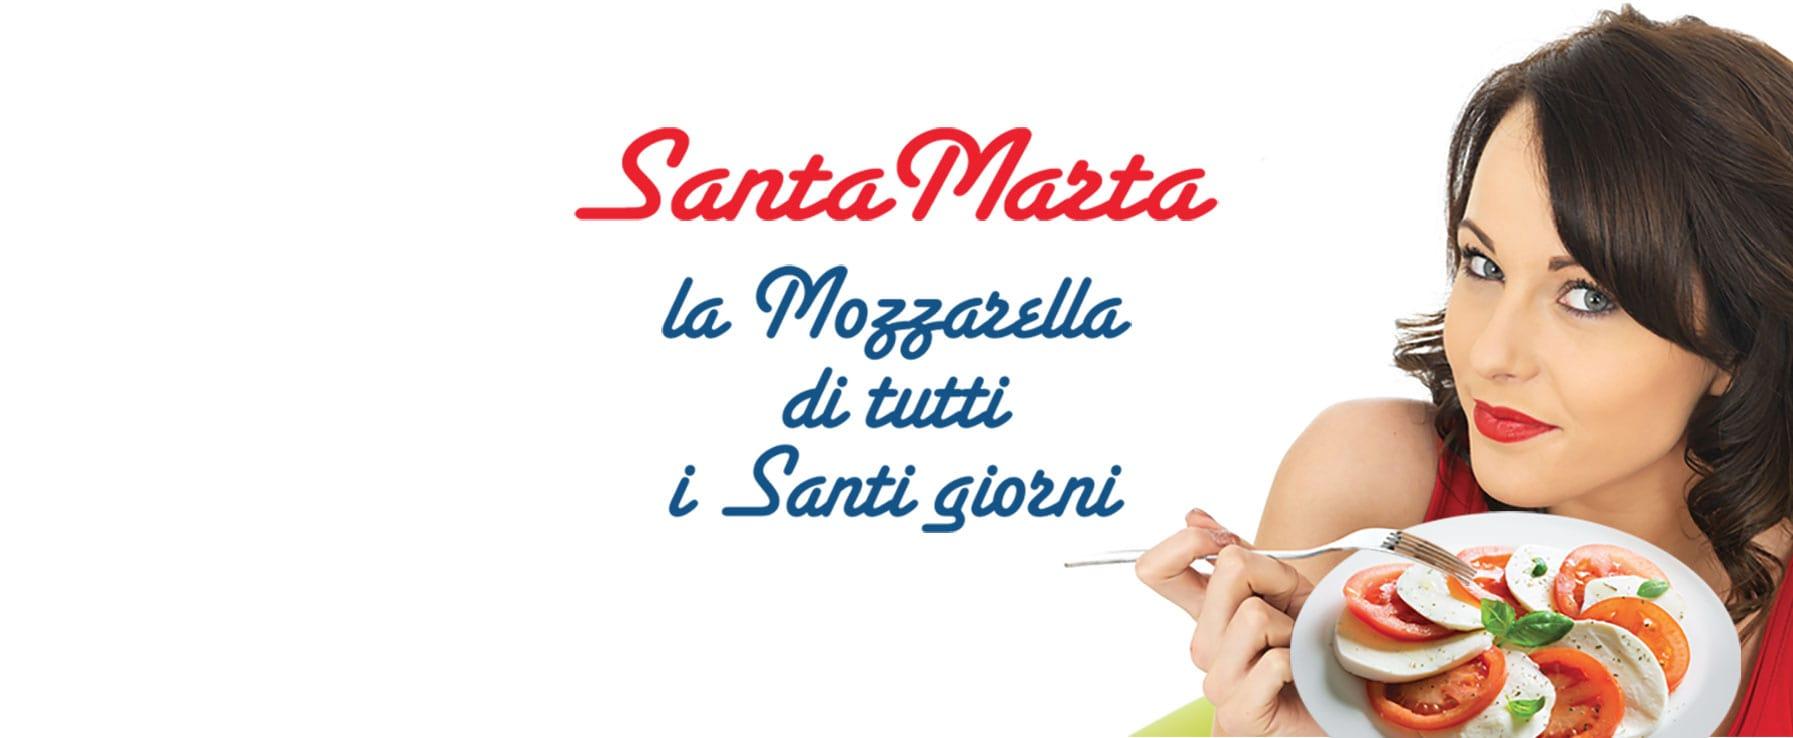 Santa Marta la Mozzarella di tutti i Santi Giorni